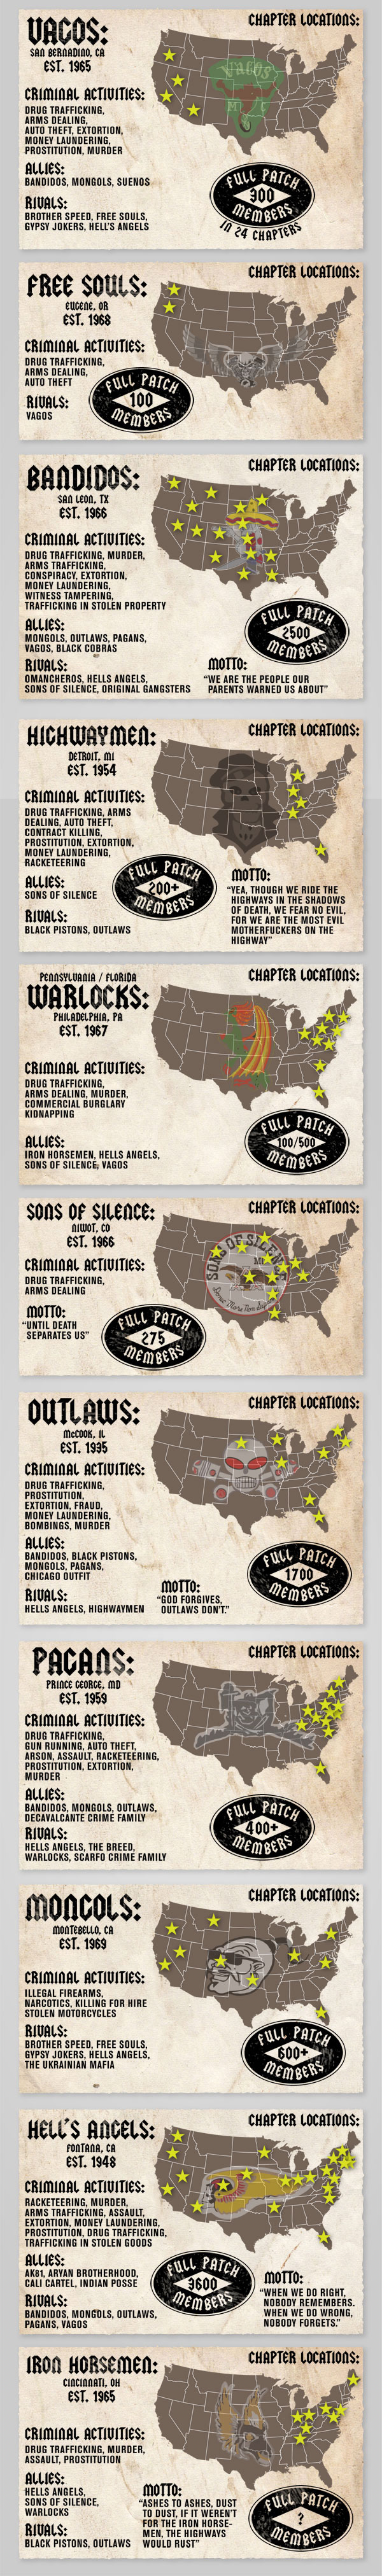 Biker Gangs of America.jpg